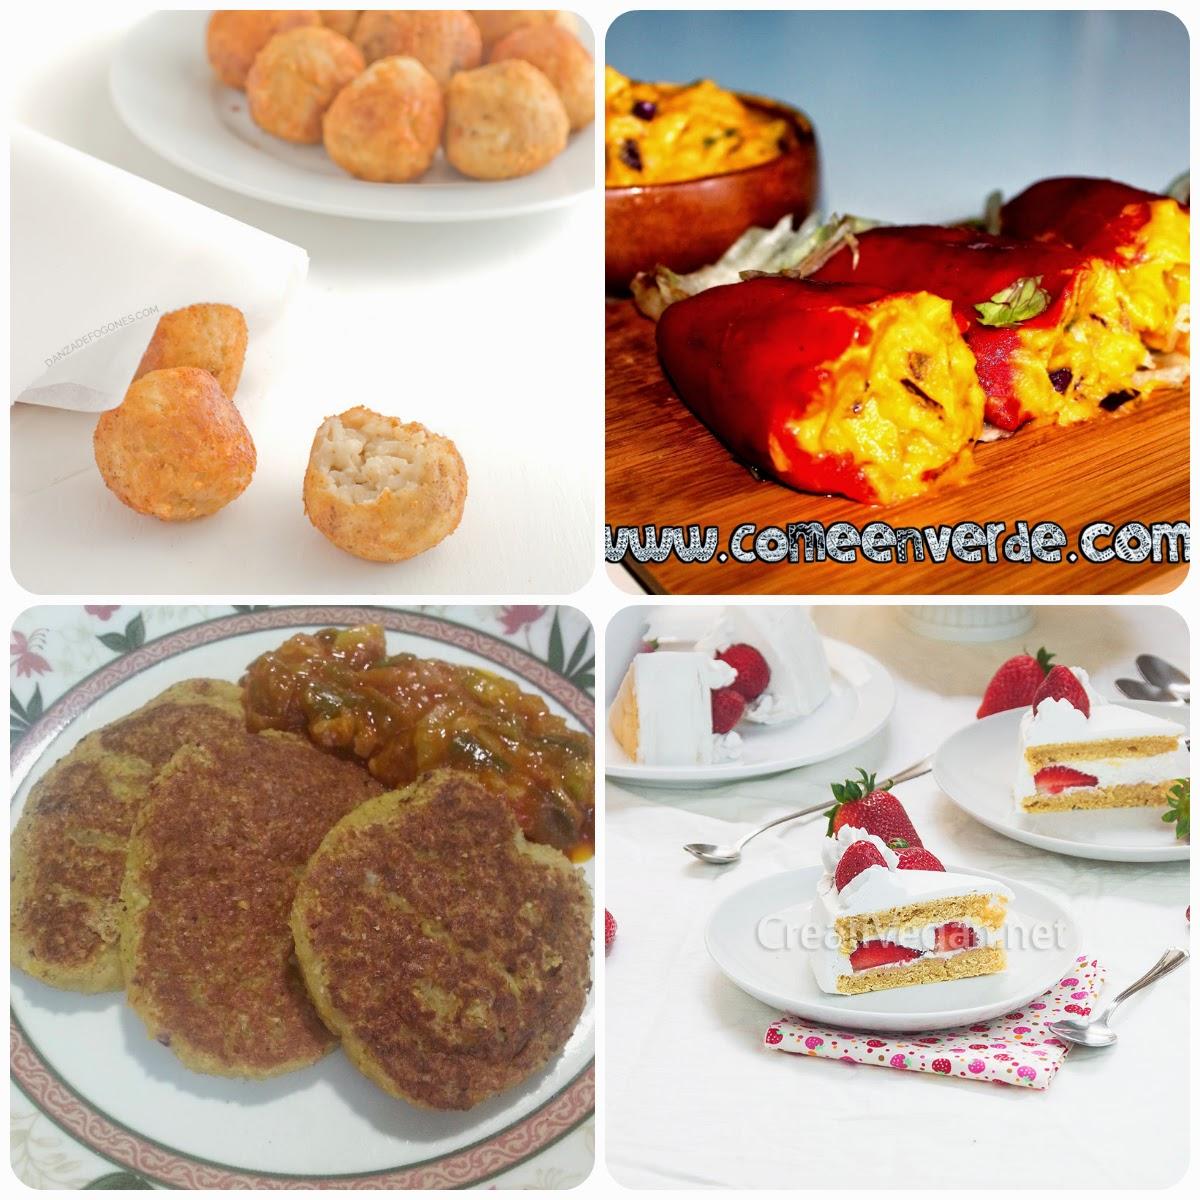 Platos del décimo menú vegetariano con recetas de otros blogs.